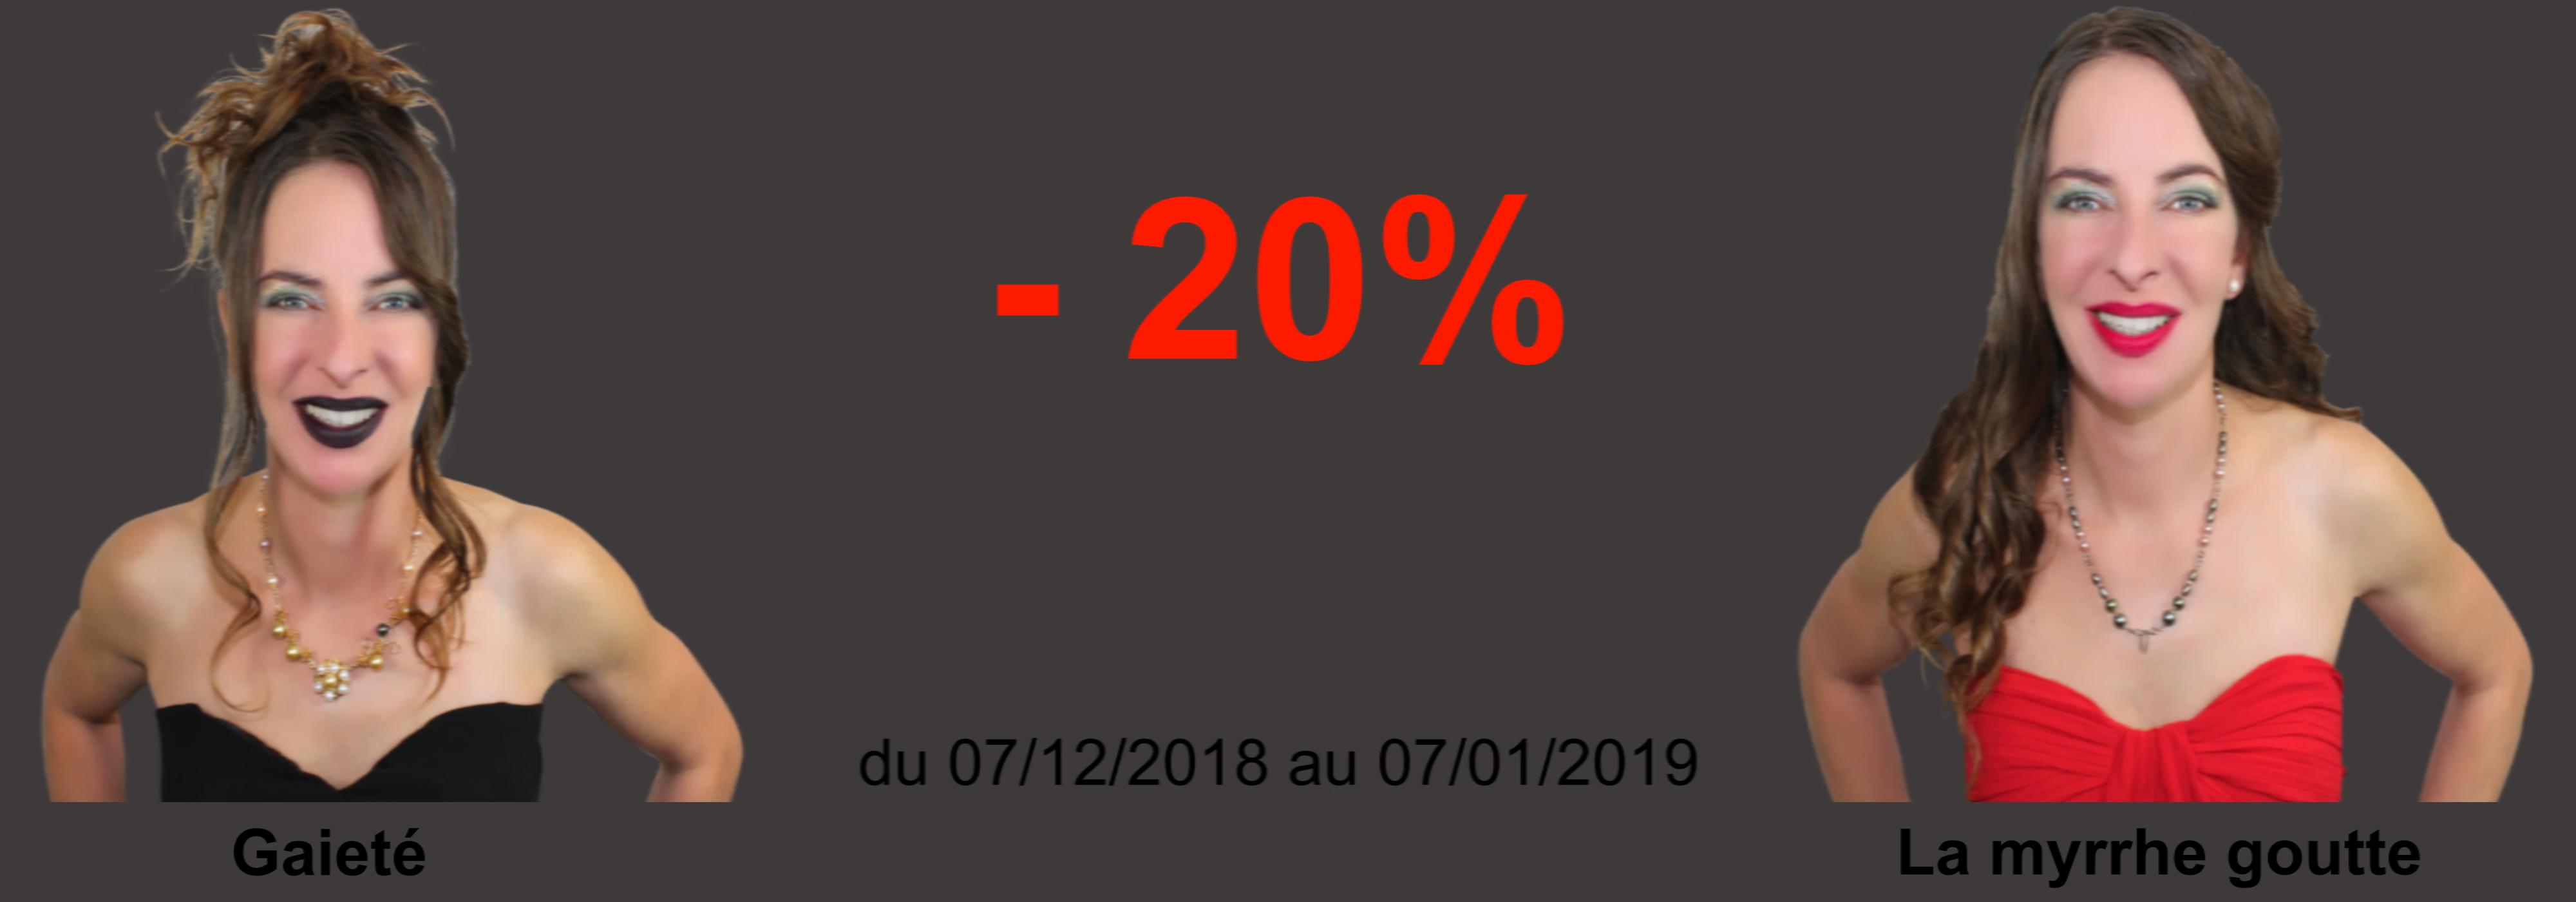 Bannière_somptueuse